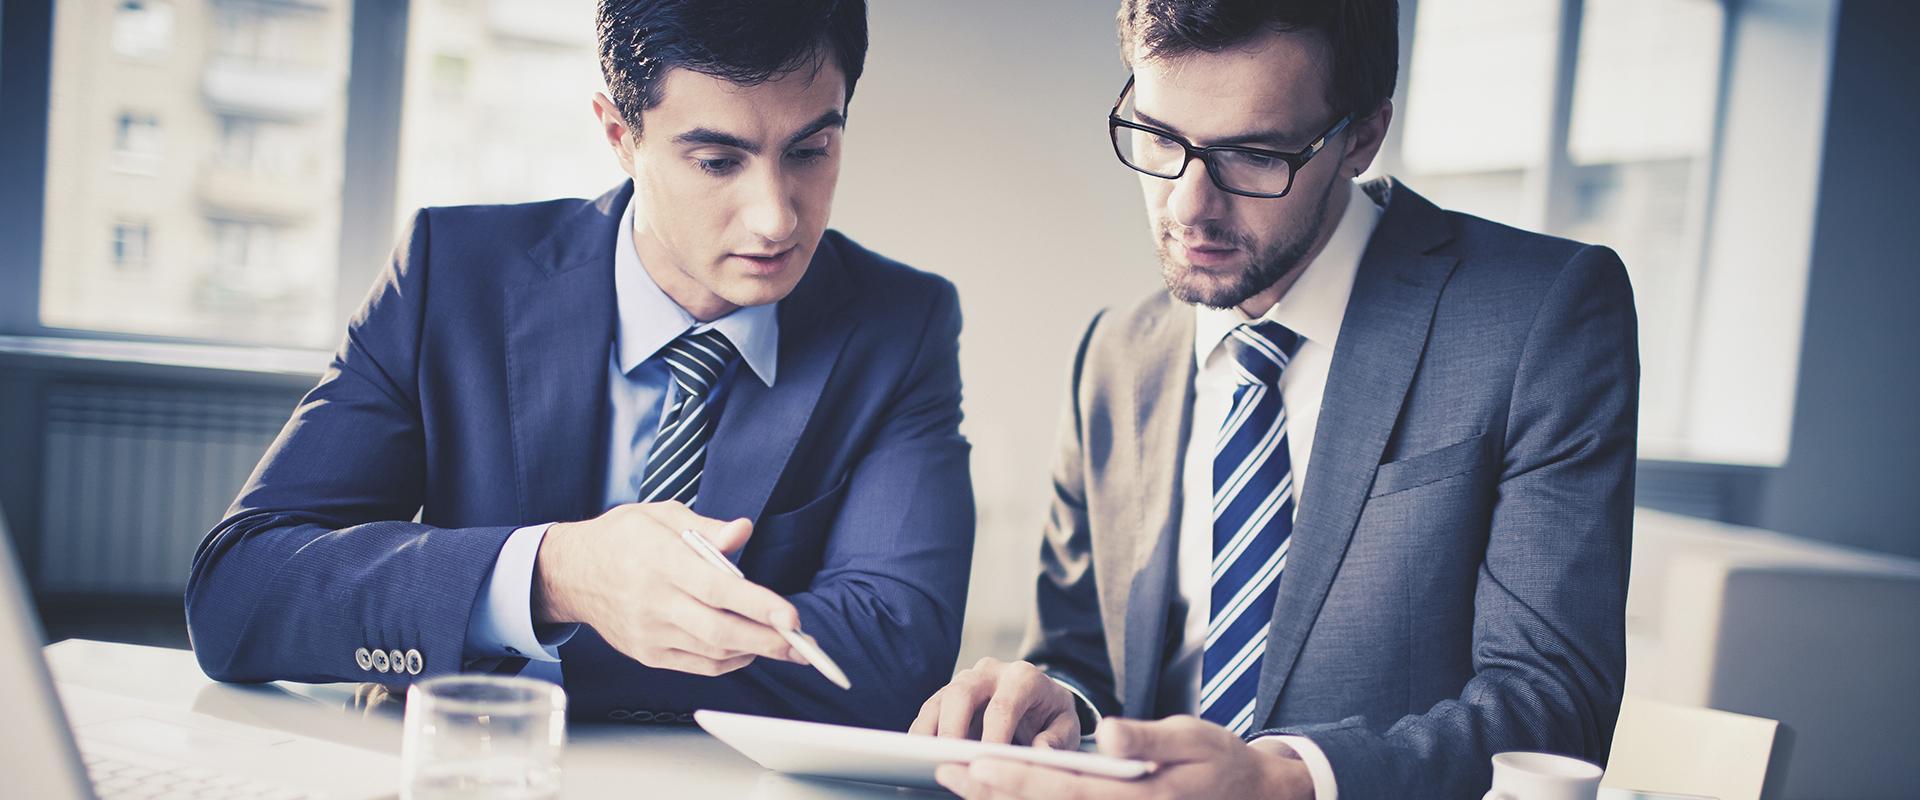 dos ejecutivos en una reunión